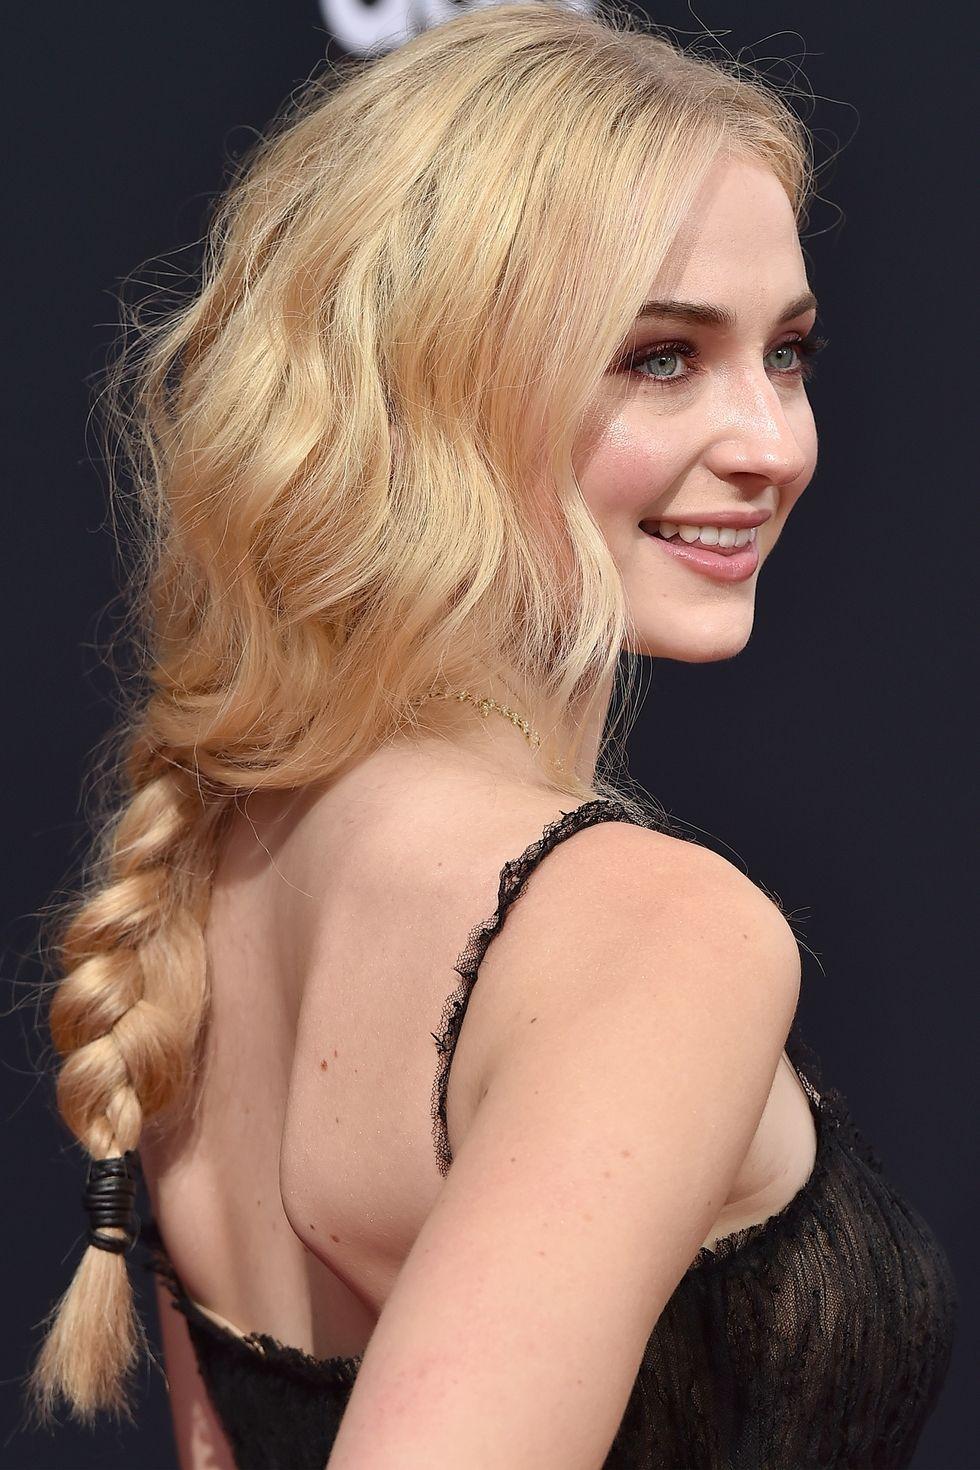 kiểu tóc đẹp cho nữ 2018 4